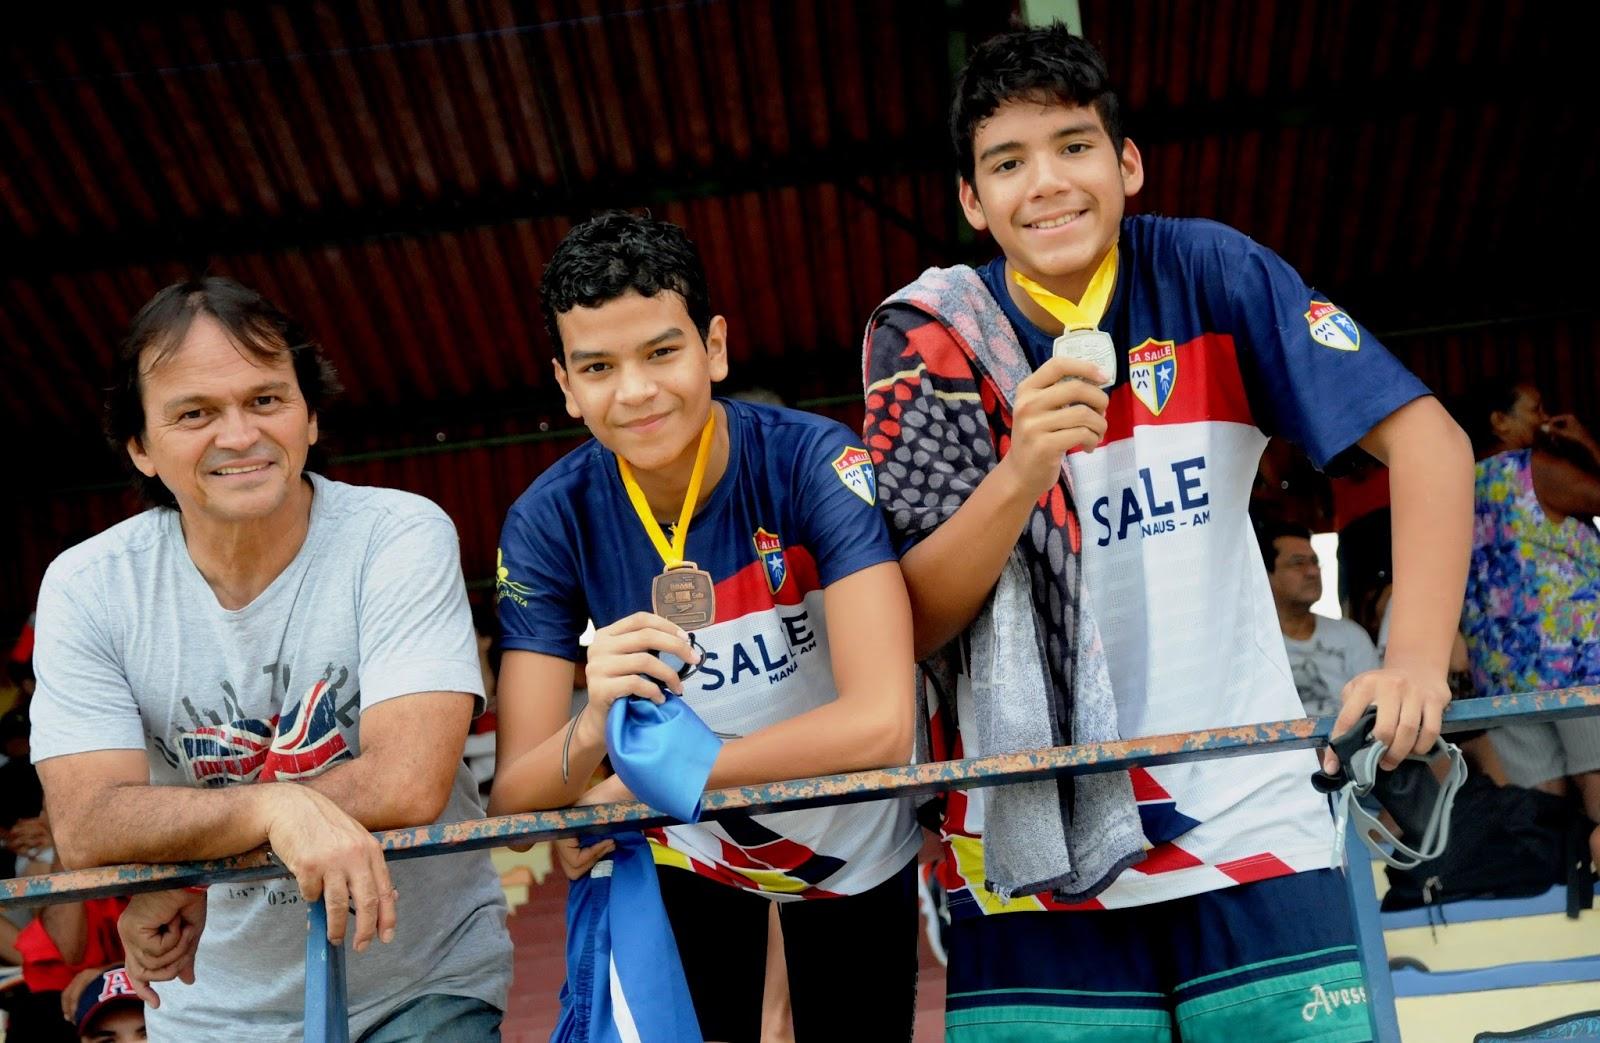 3a8cac1398  NATAÇÃO  - Nado Livre Aquática Marinho e La Salle se destacam no Troféu  Diogo Rocha de Lima